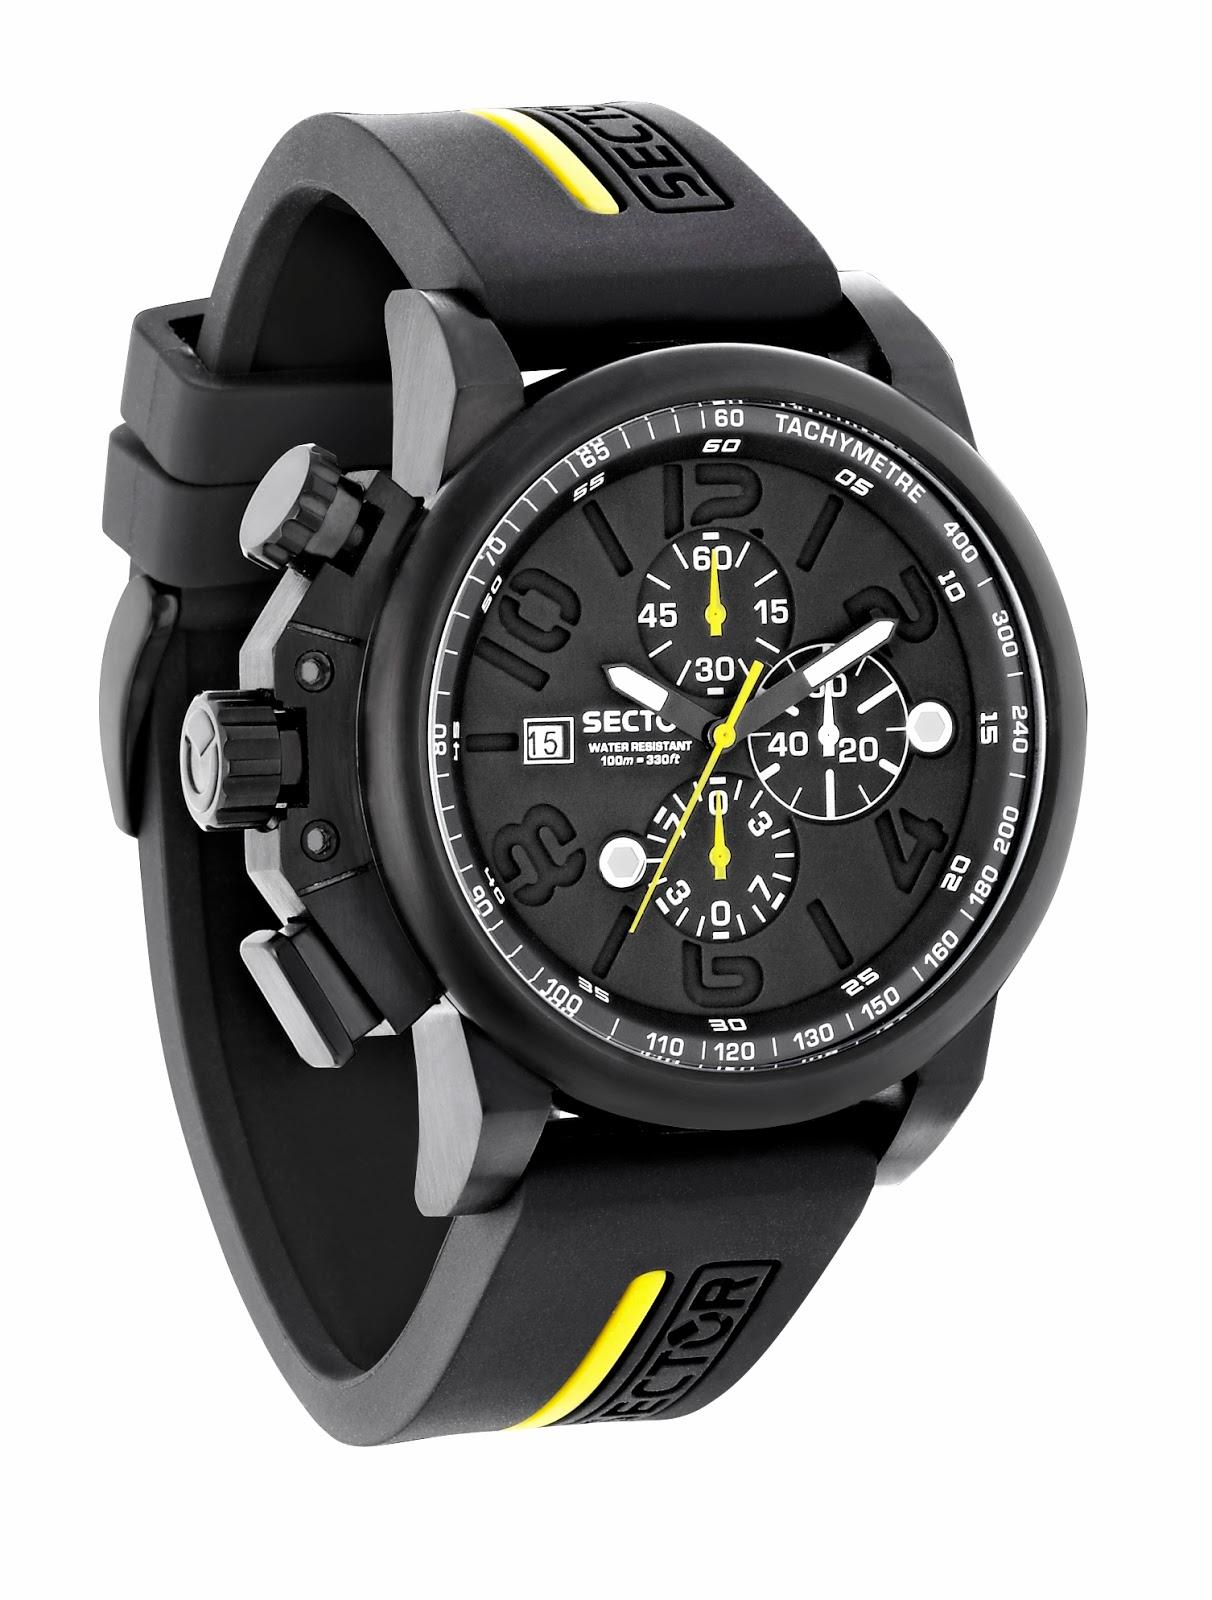 ffc9717108a Chegado(s) ao mercado - relógio Sector 450